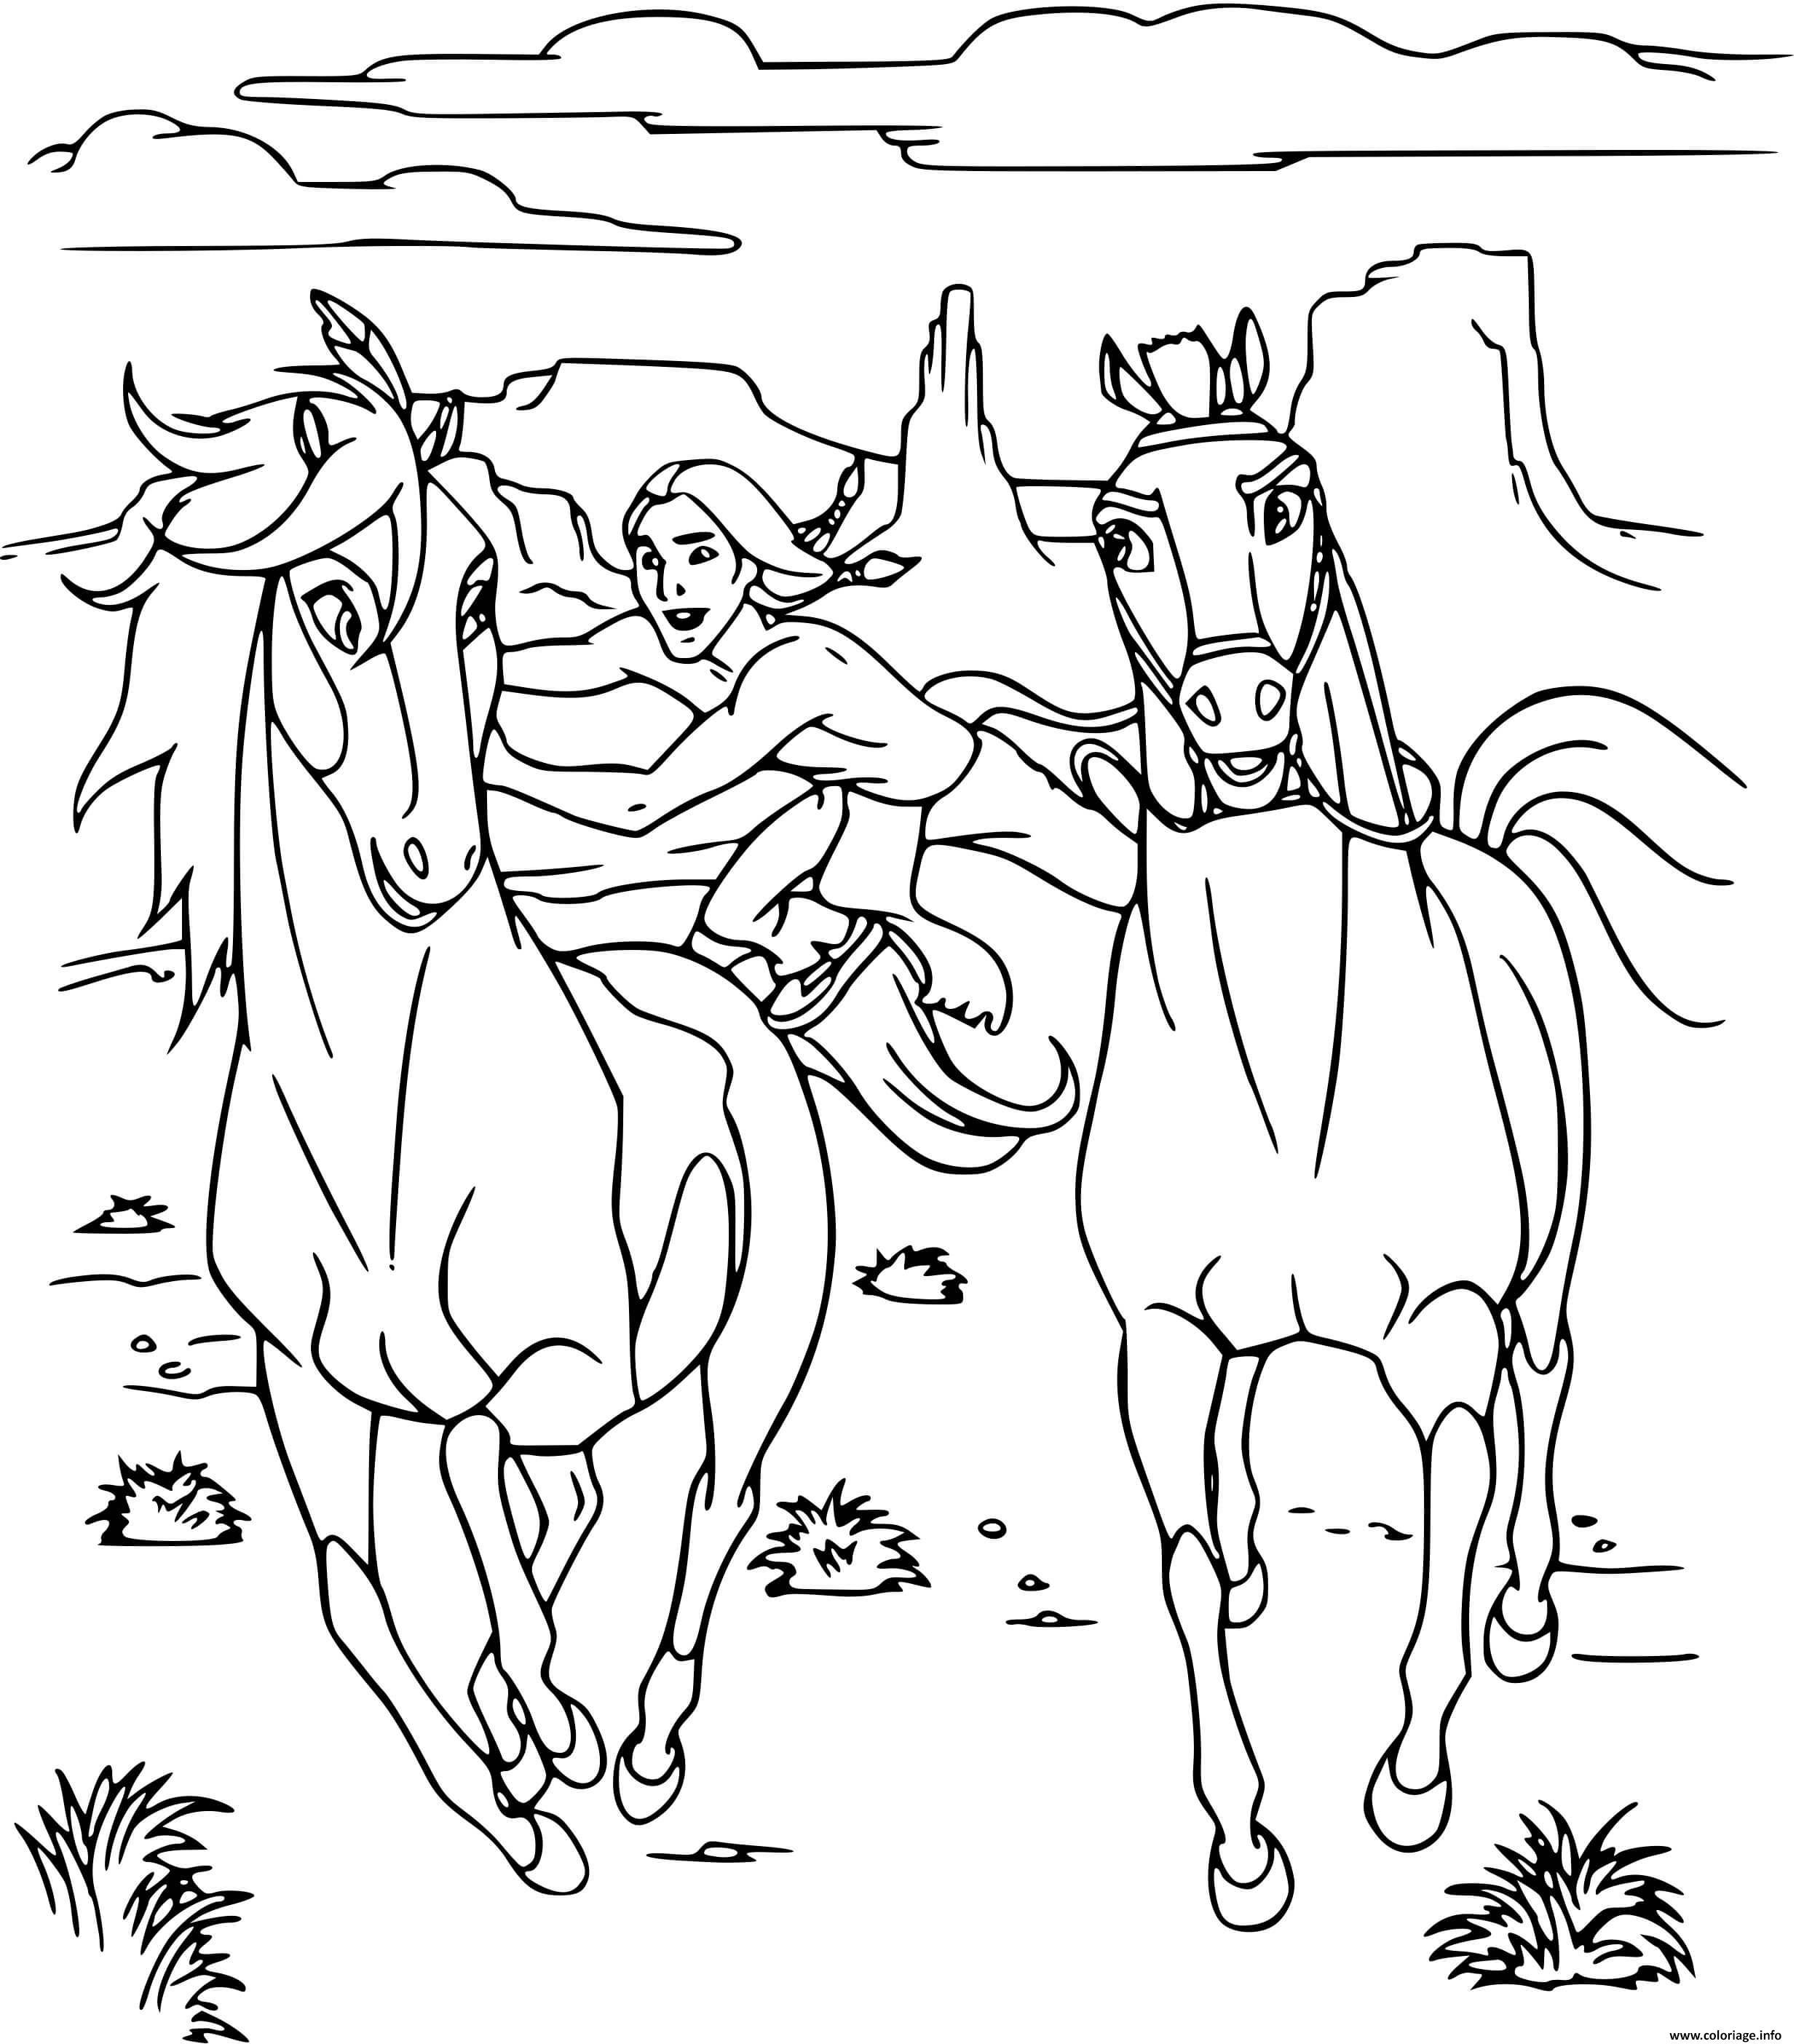 Dessin spirit fait la course avec un cheval Coloriage Gratuit à Imprimer